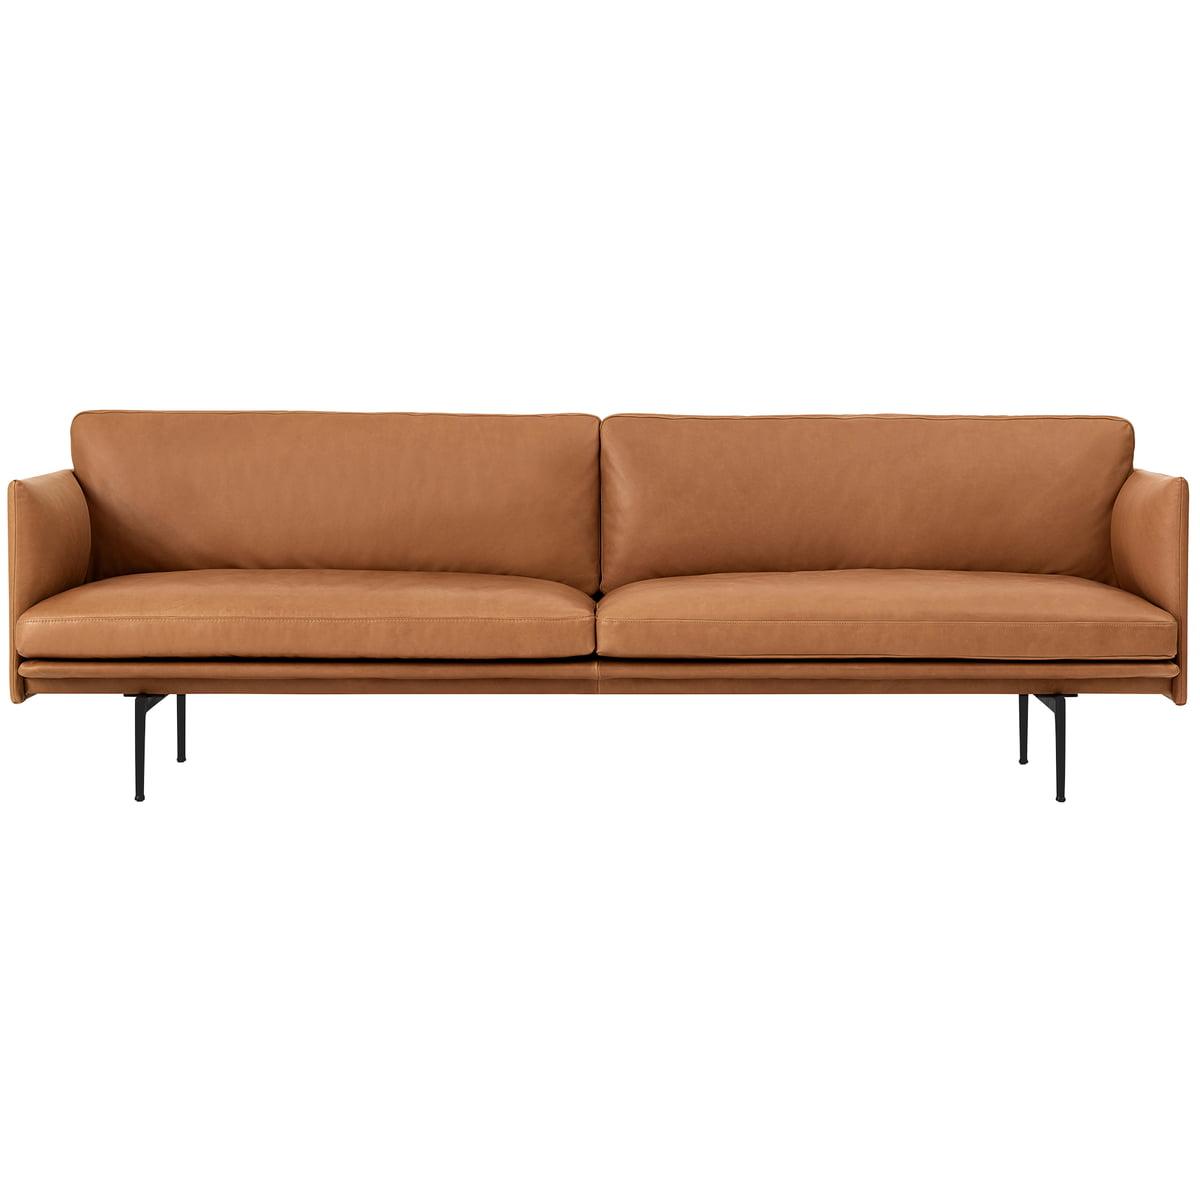 Gewaltig 3 Er Sofa Sammlung Von Muuto - Outline 3-seater, Cognac Silk Leather